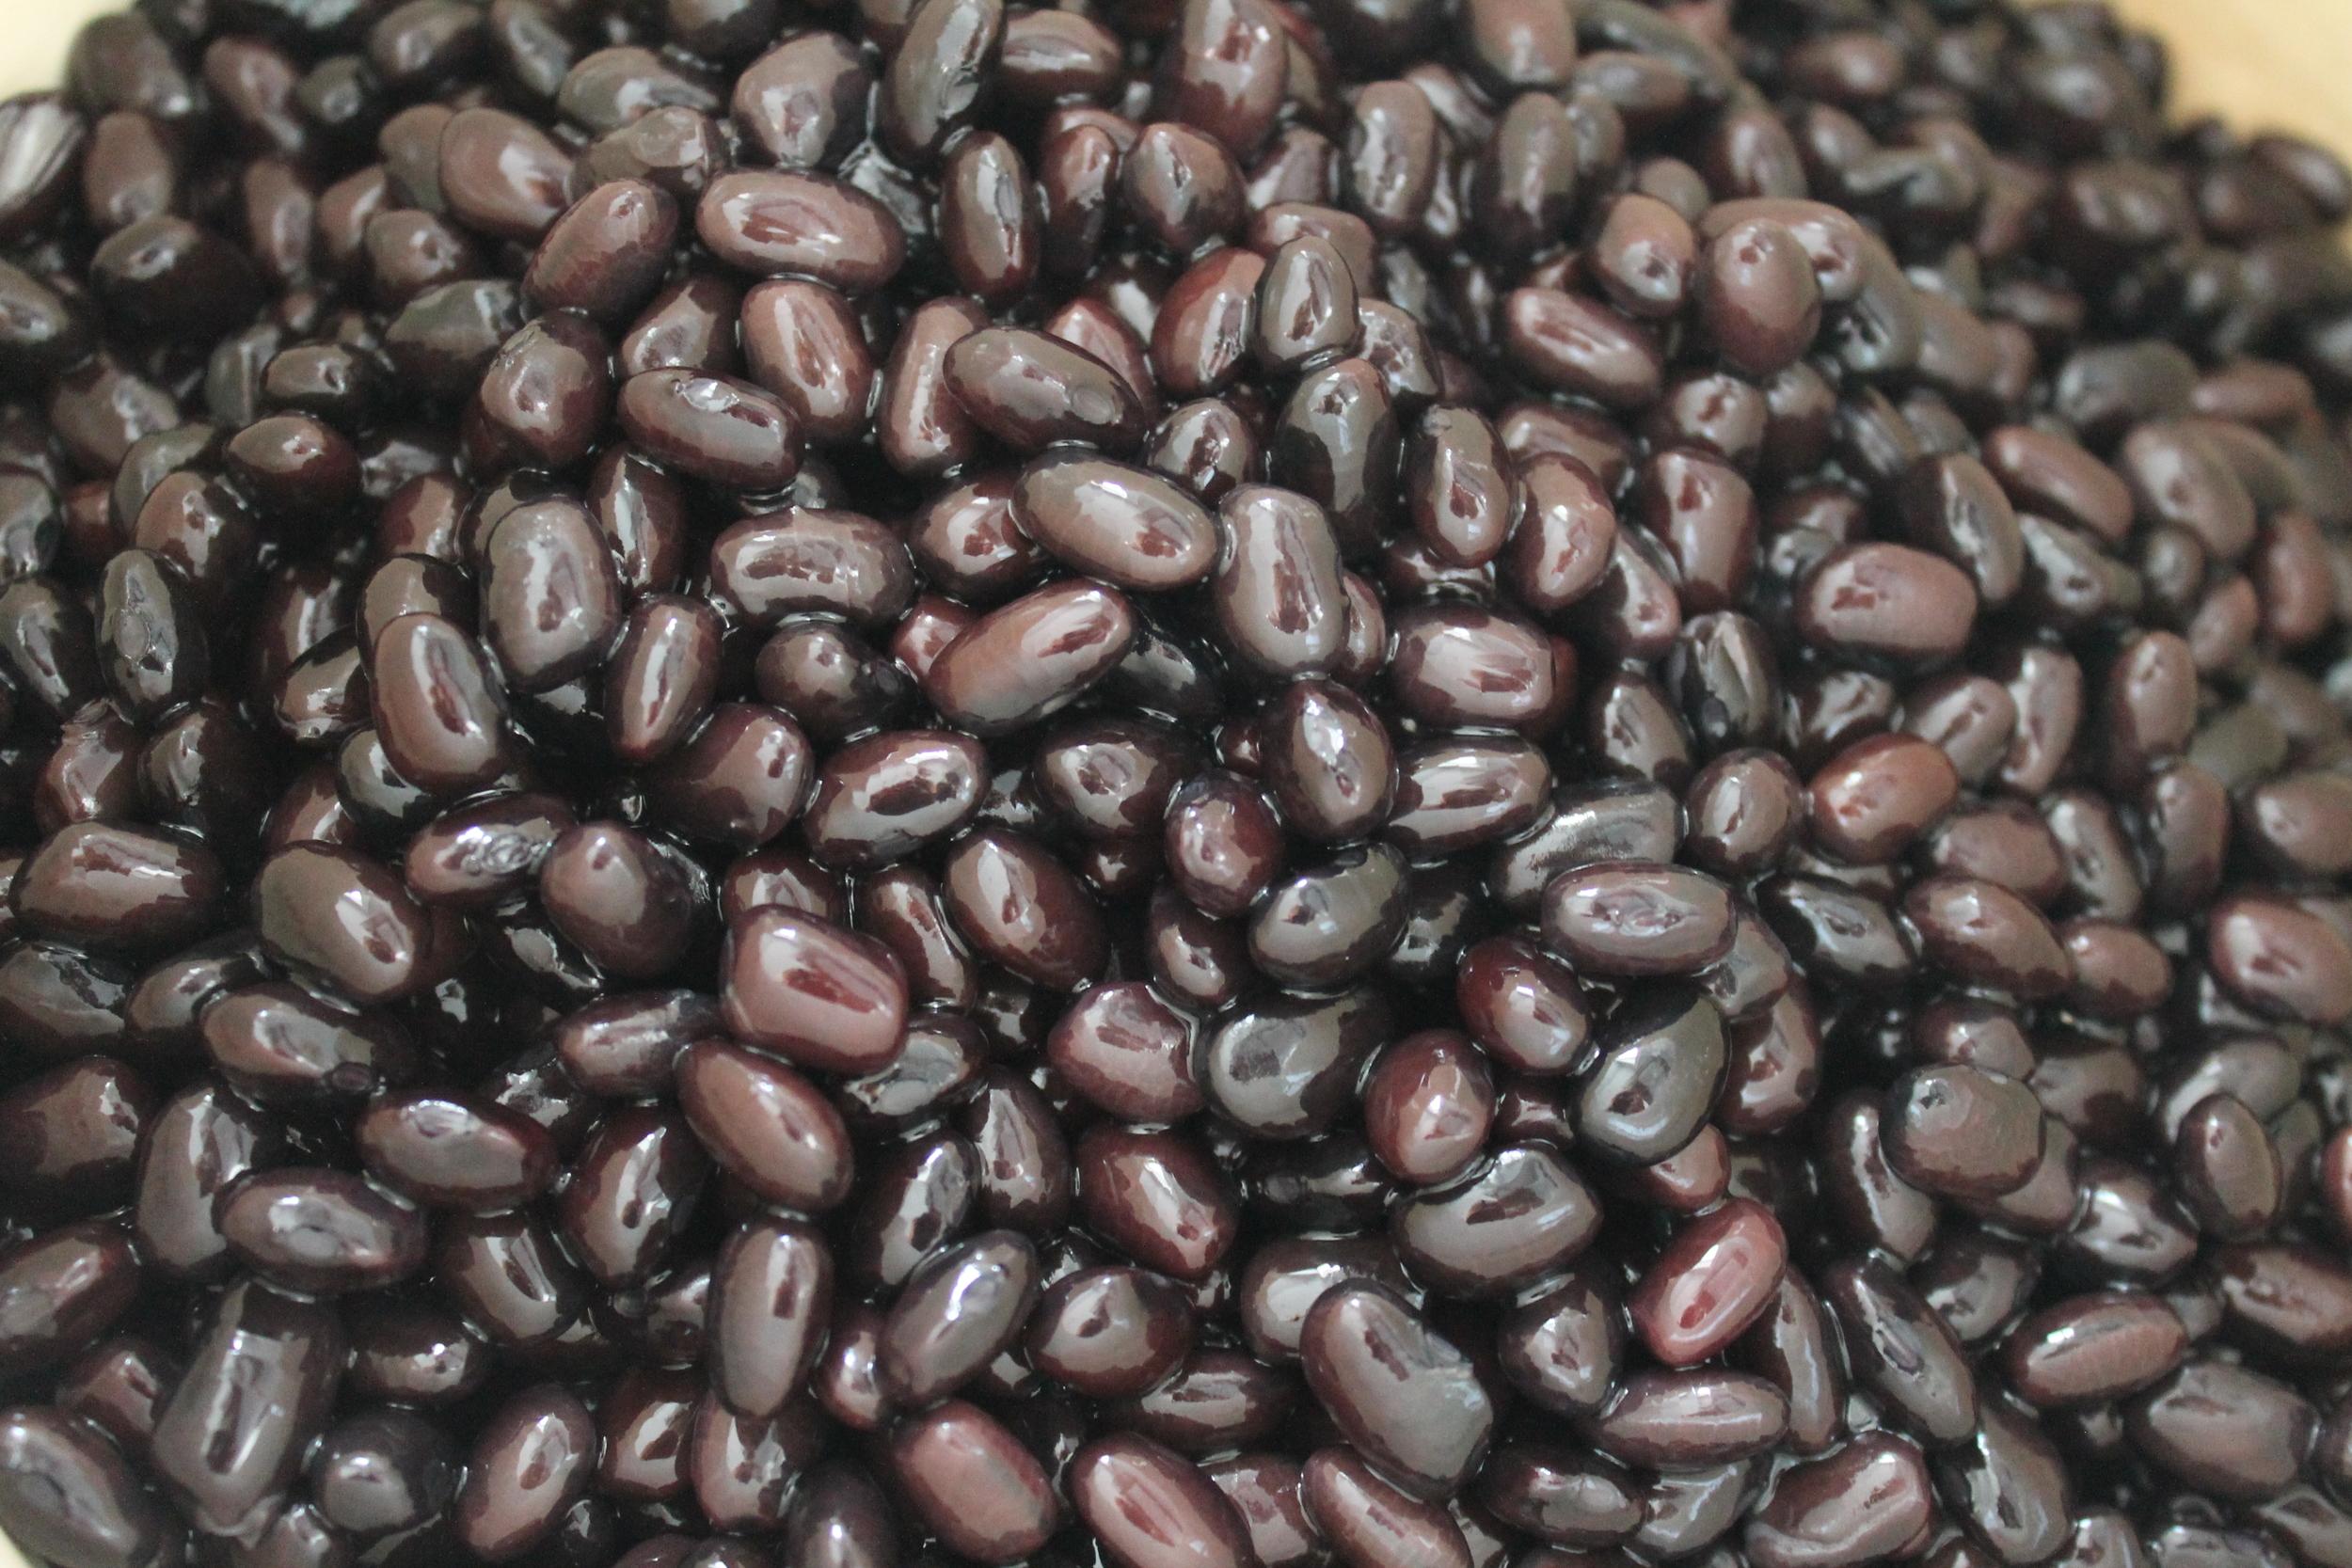 Par-cooked black beans